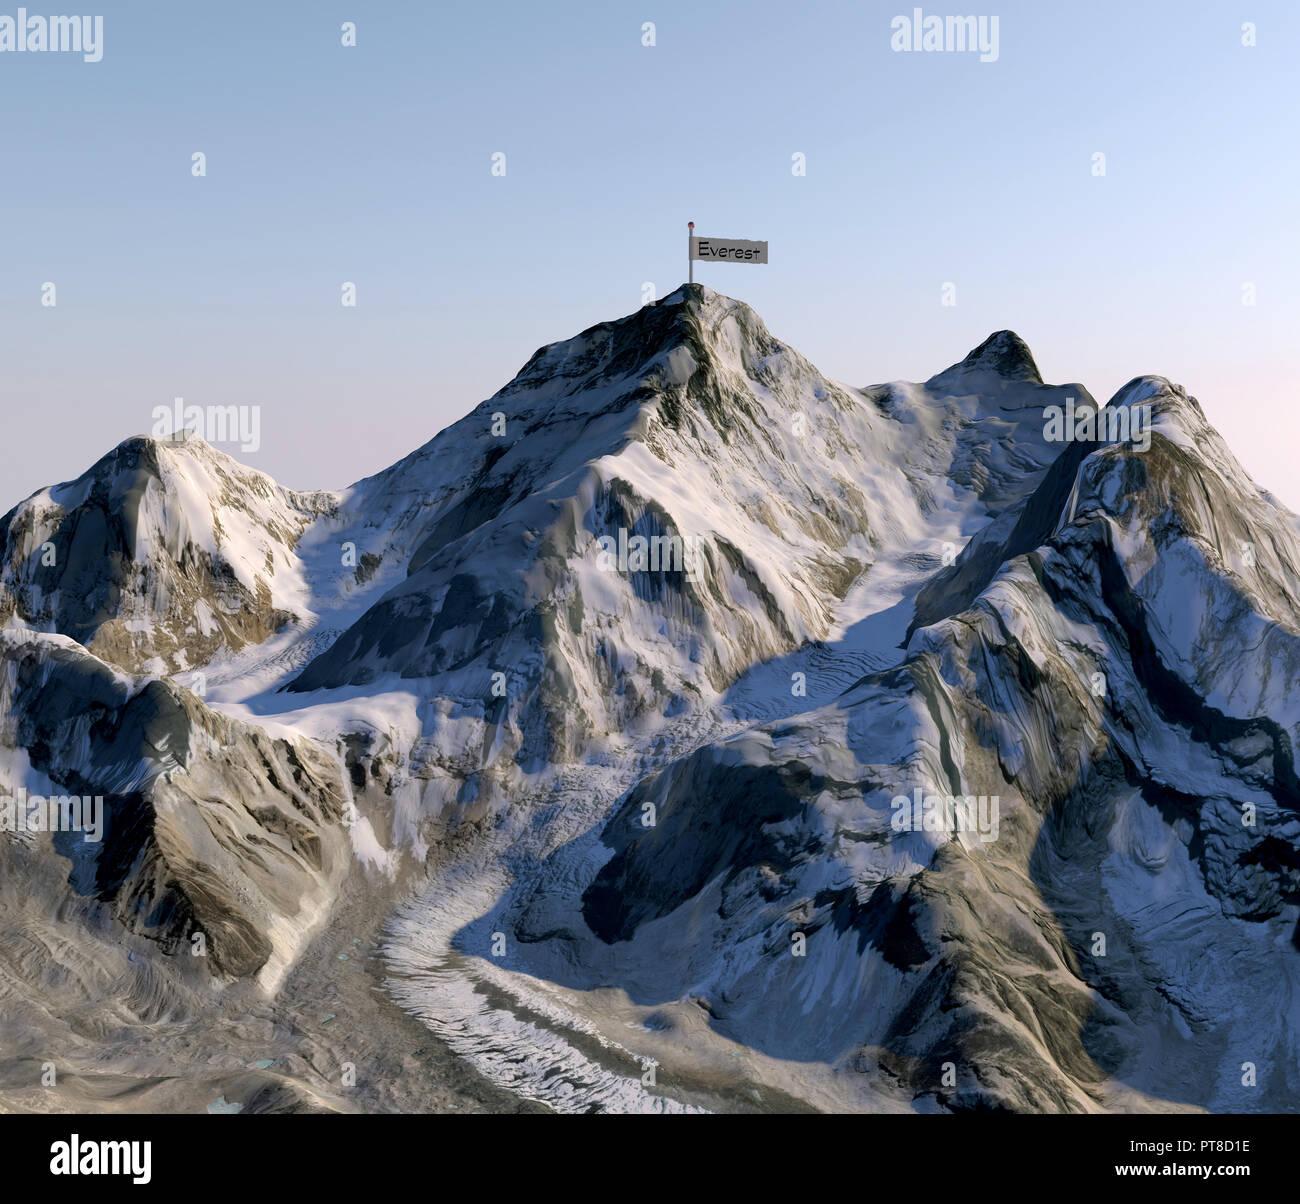 Himalaya Berge Karte.Mount Everest Relief Hohe In Den Bergen Himalaya Karte